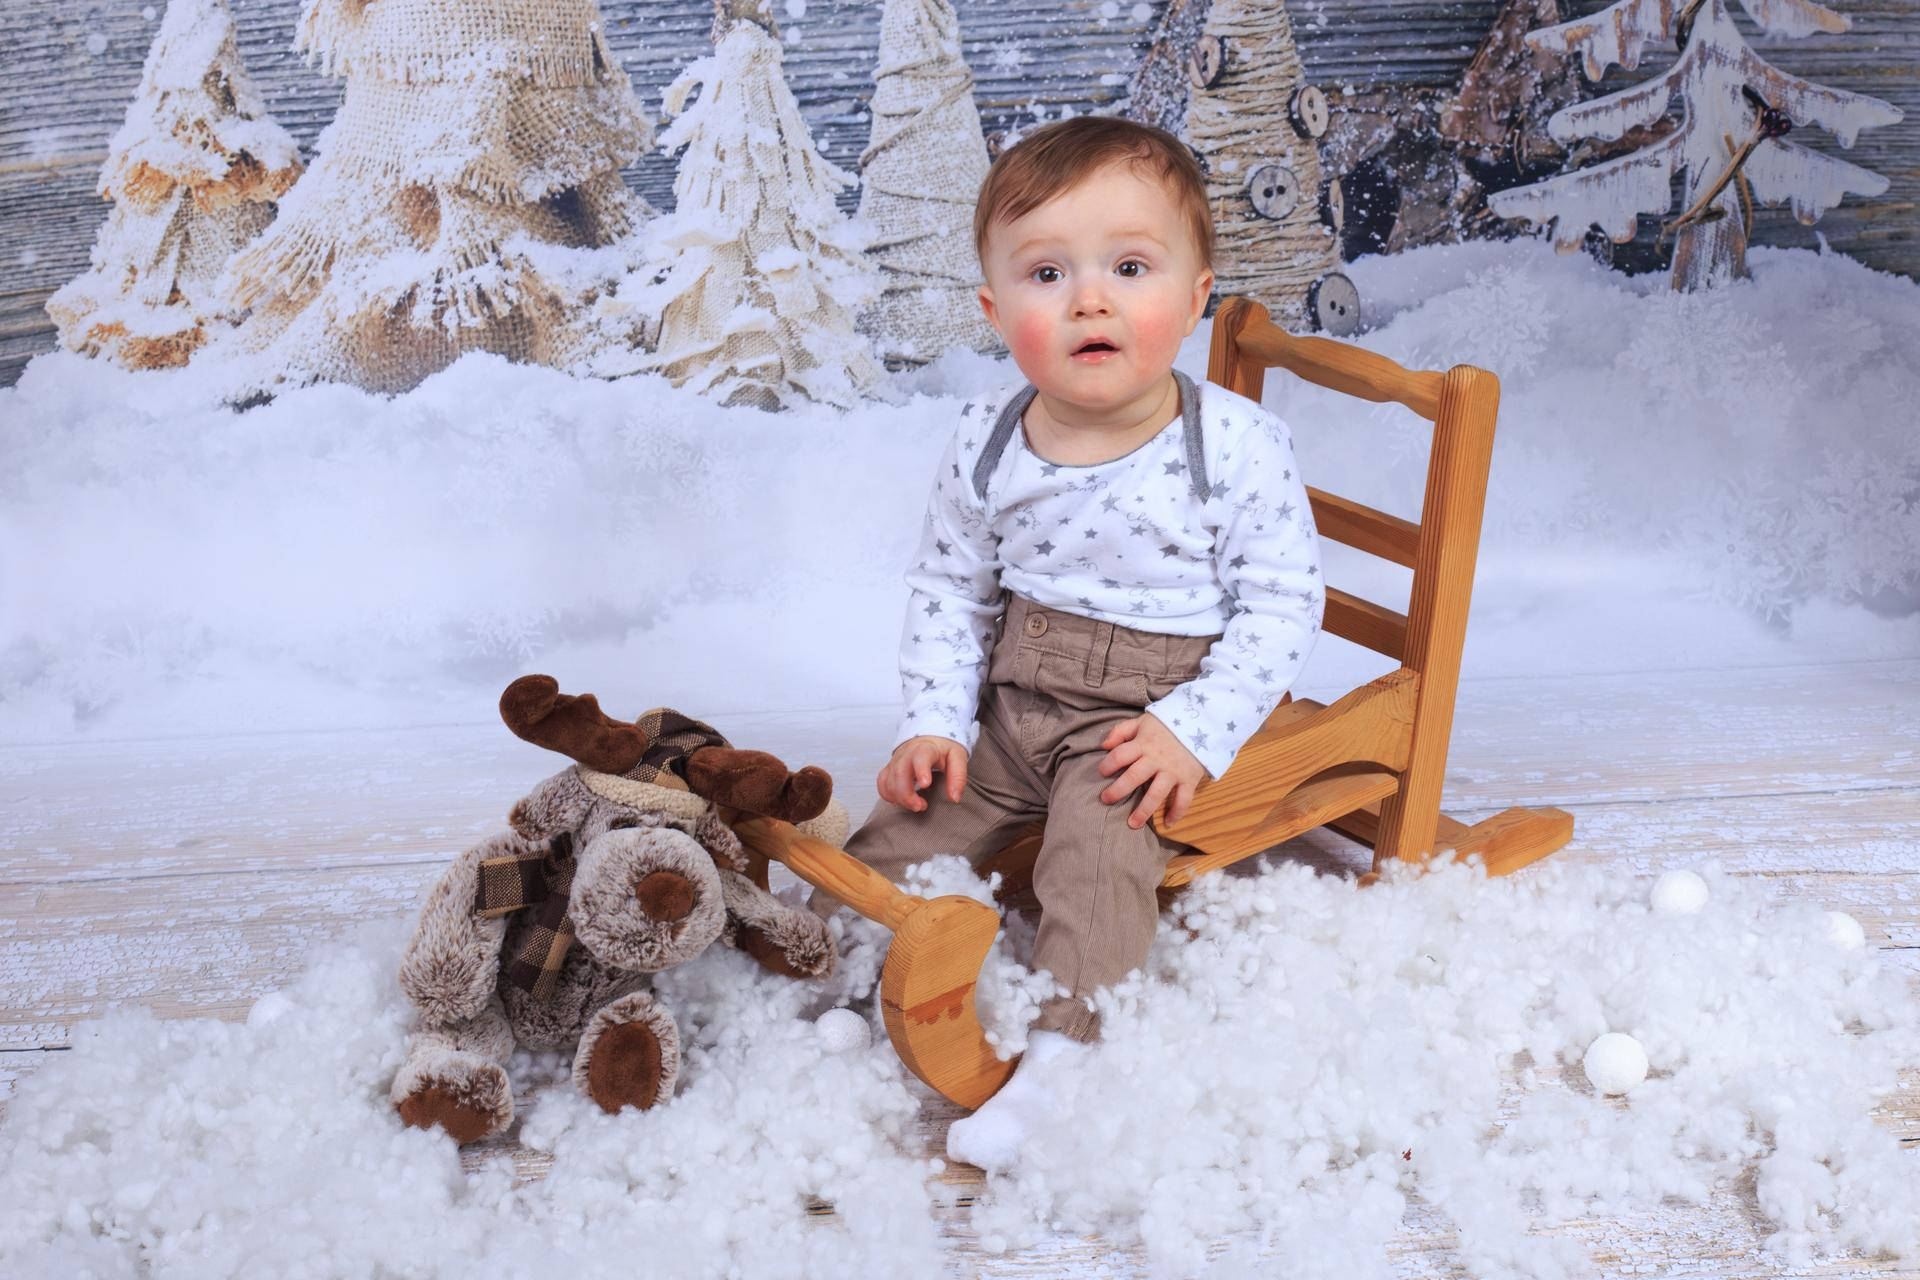 Přeji Vám všem krásné prožití vánočních svátků a v novém roce hlavně hodně zdraví ❤️ Budou to naše první společné Vánoce ve třech, moc se na ně těšíme ❤️ A hned po novém roce, 2.1. oslaví Honzík své 1. narozeniny ❤️ - Obrázek č. 1